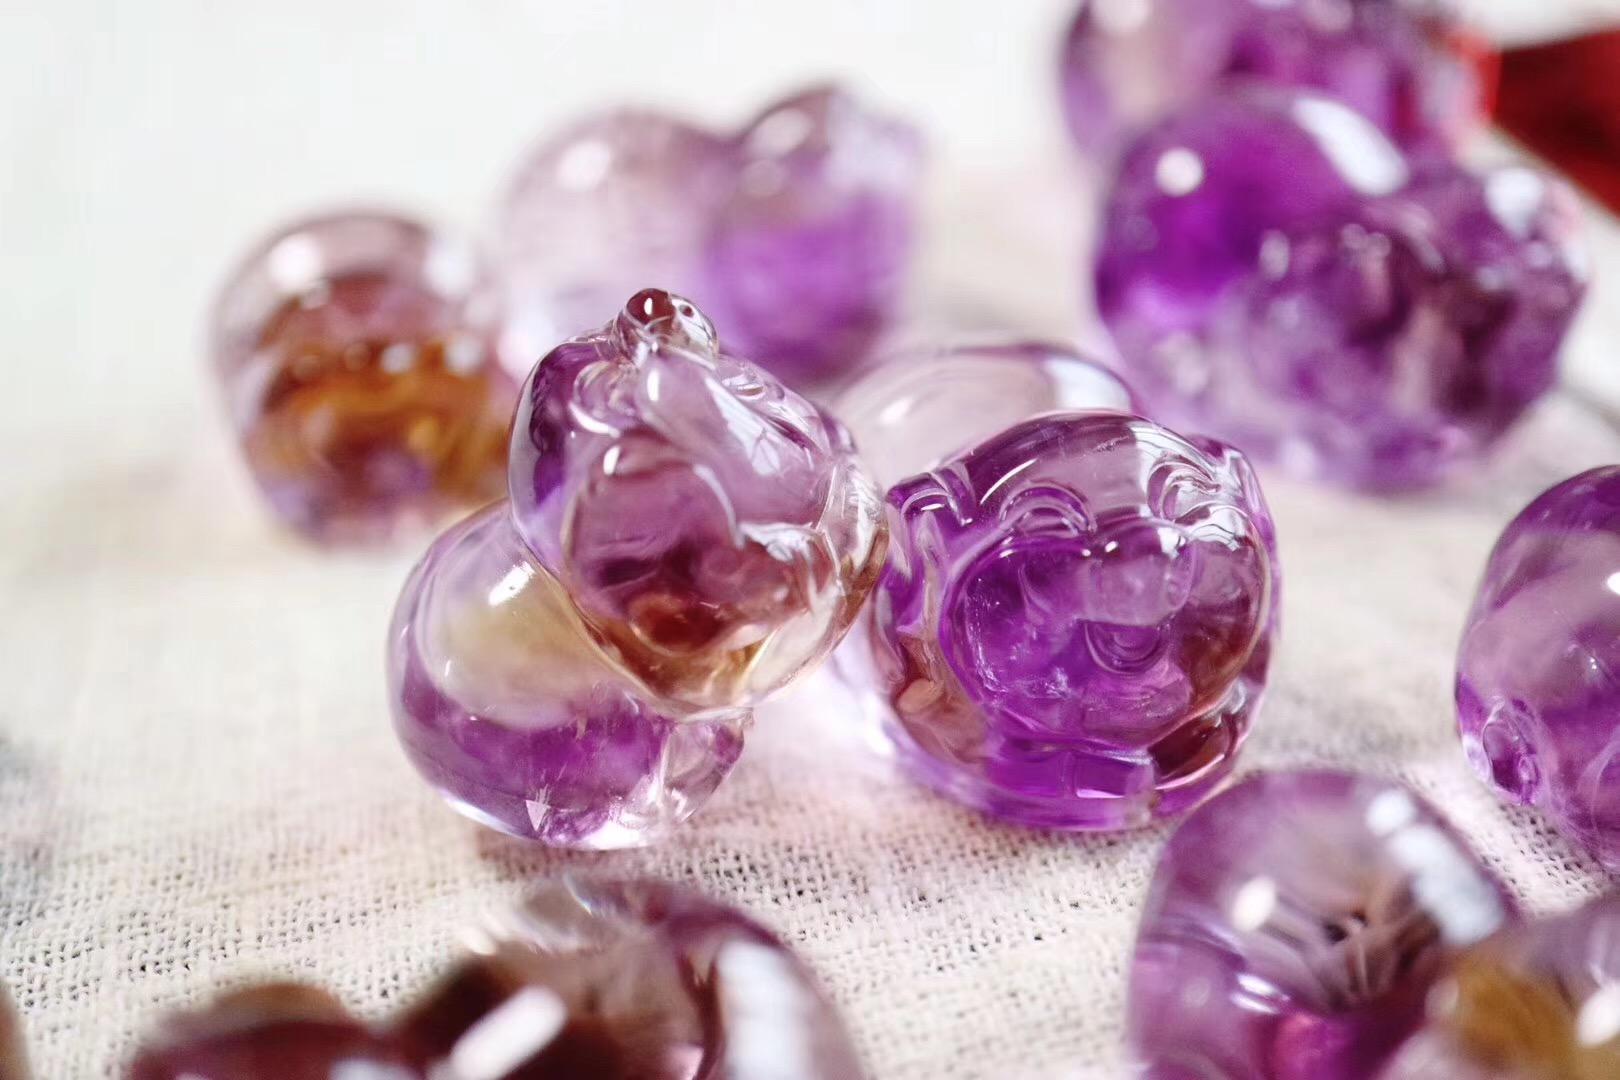 初八开年大吉,奉上一波菩心-吉祥猪(紫黄晶)-菩心晶舍